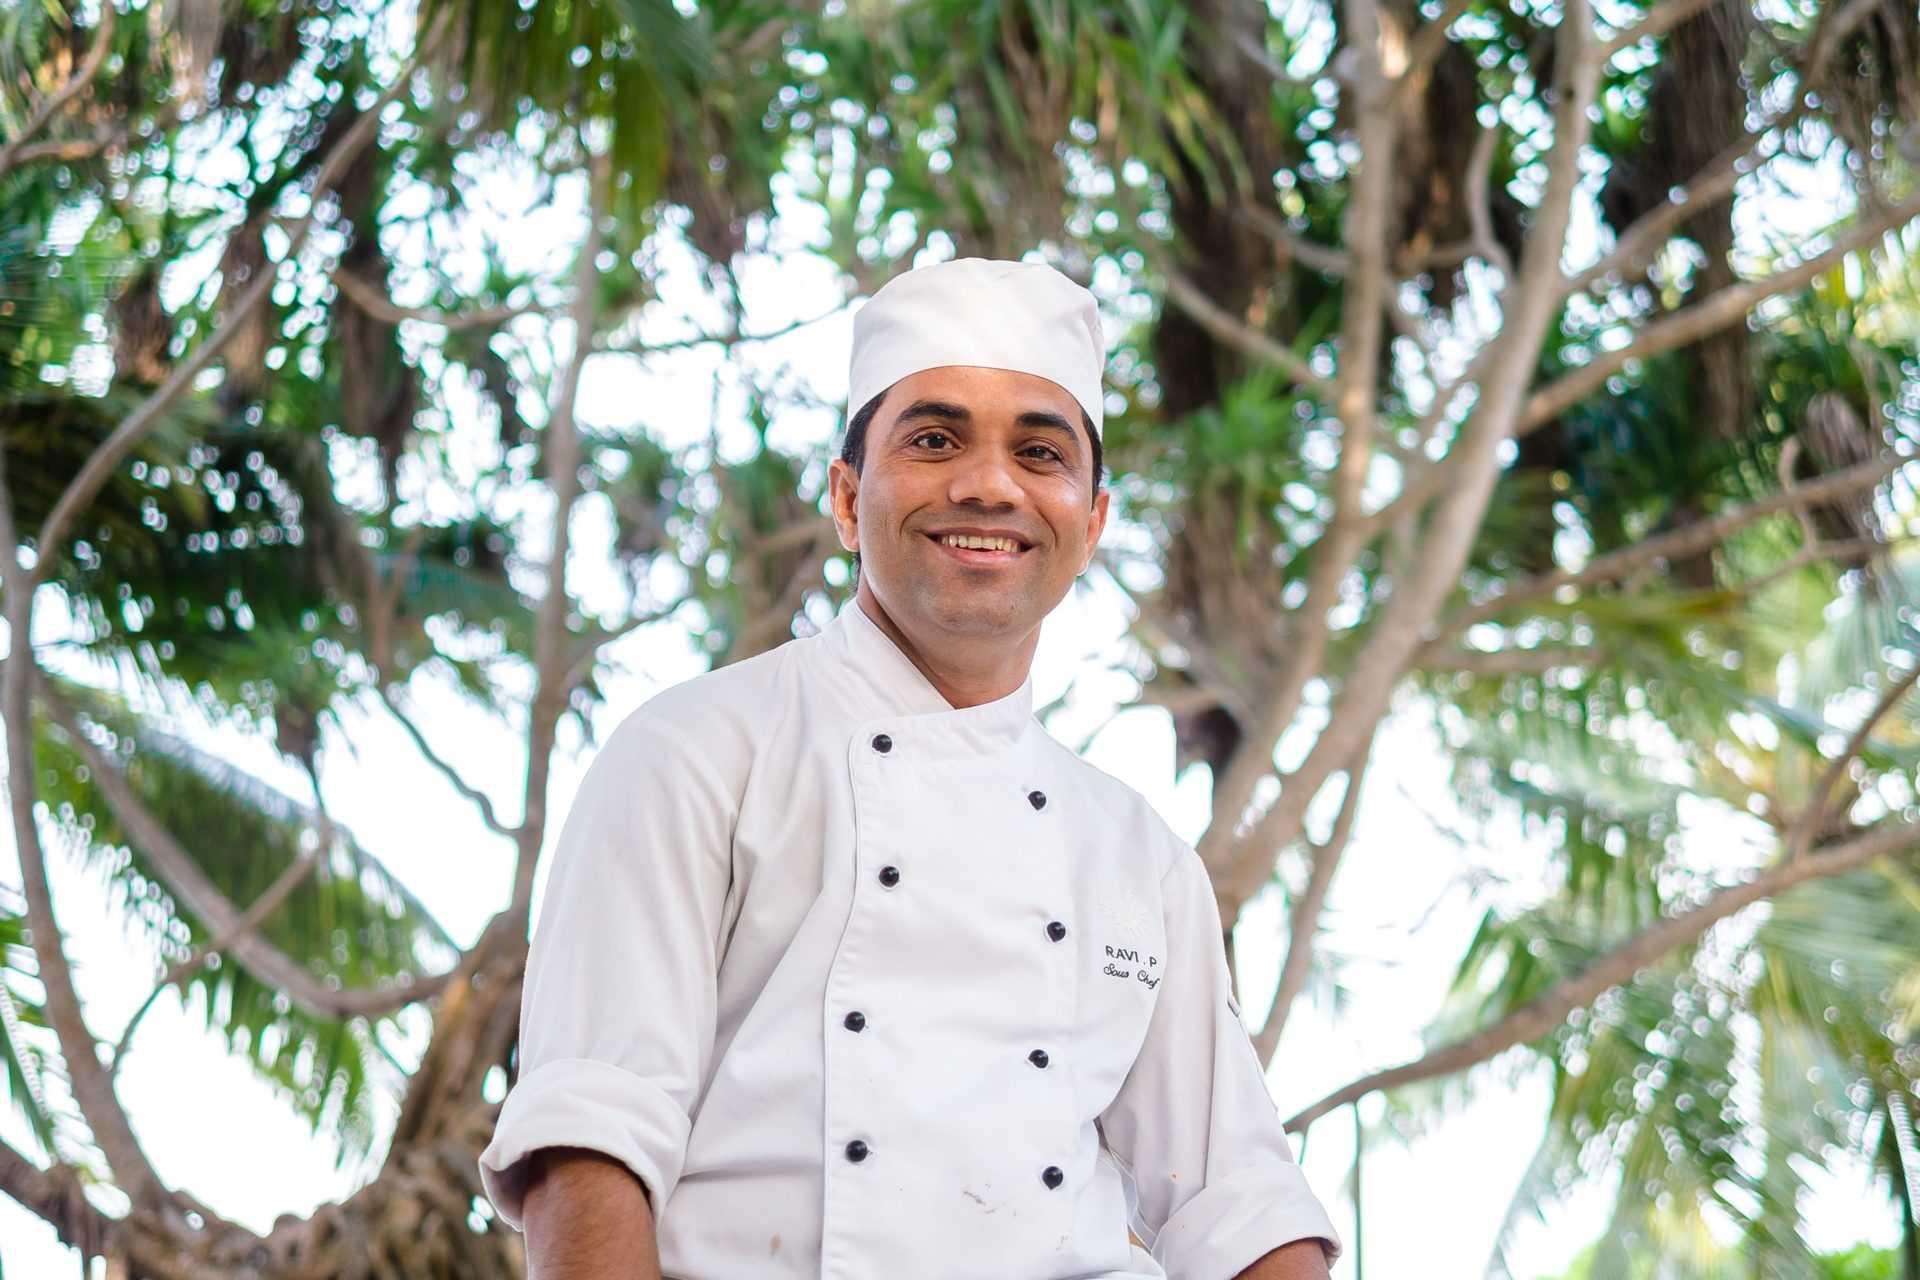 Шеф Рави Пуджари Мальдивы